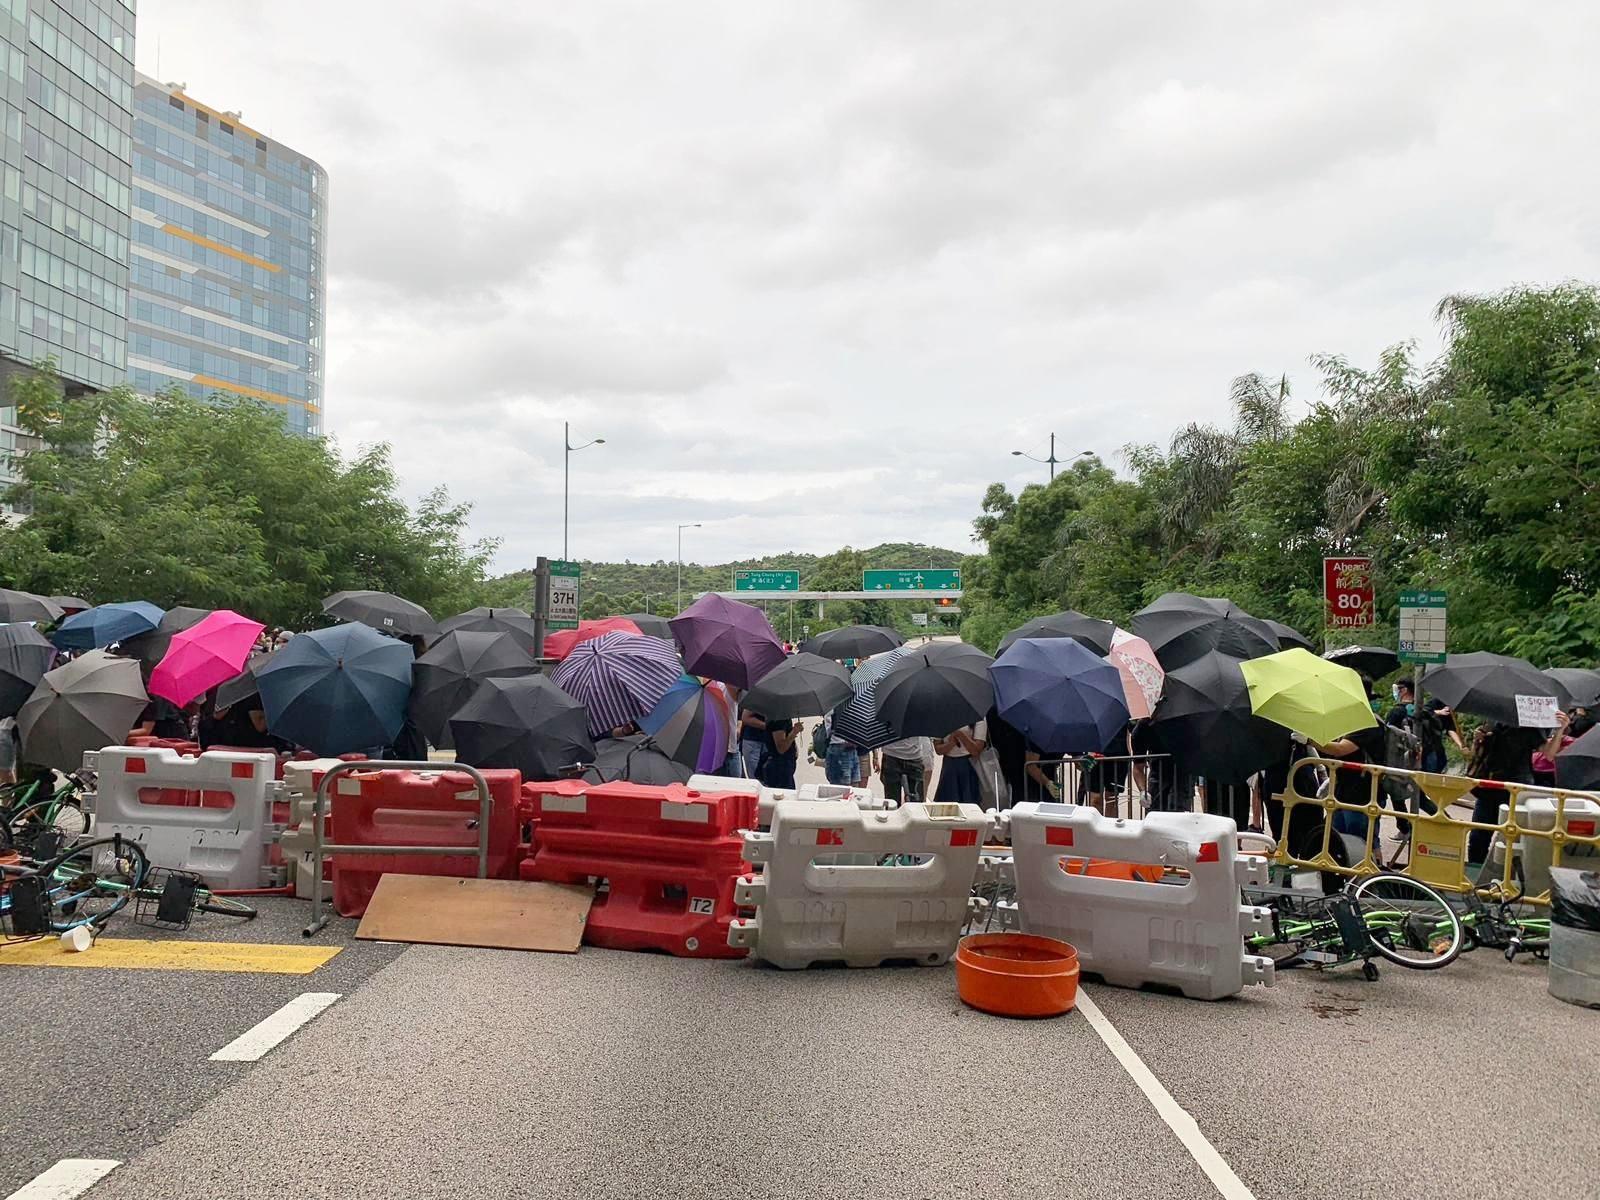 【堵塞机场】示威者退往东涌 杂物堵赤鱲角南路迴旋处